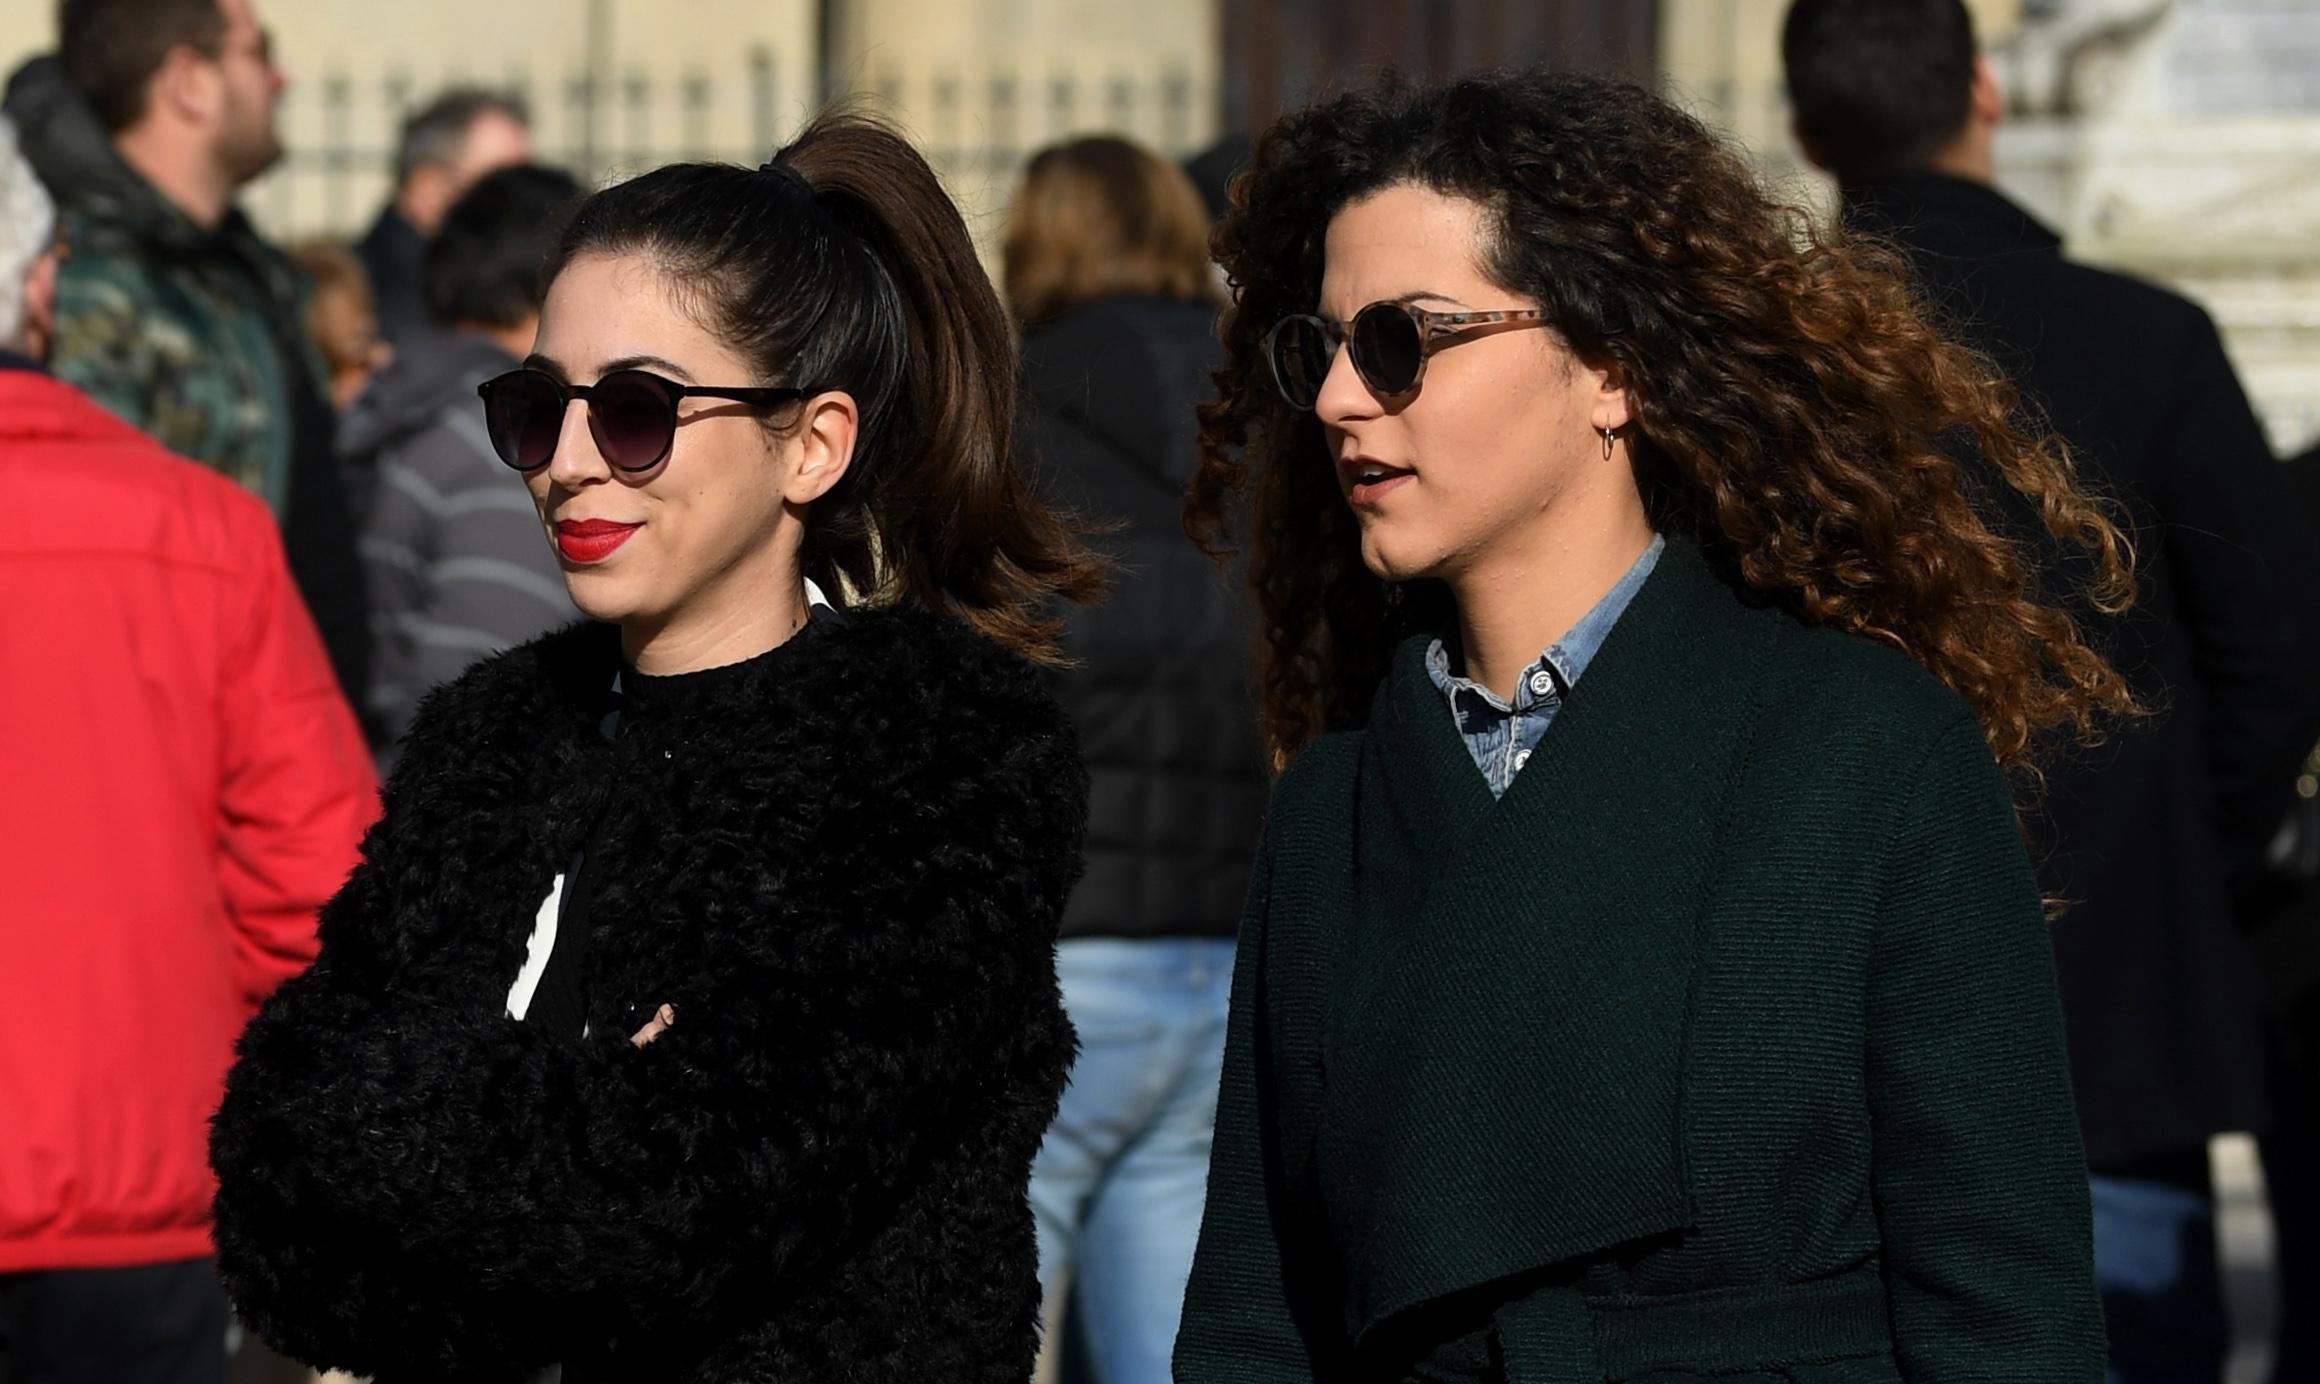 Inspirirajte se njima: Ove dvije stylish djevojke znaju koji su hit zimski komadi